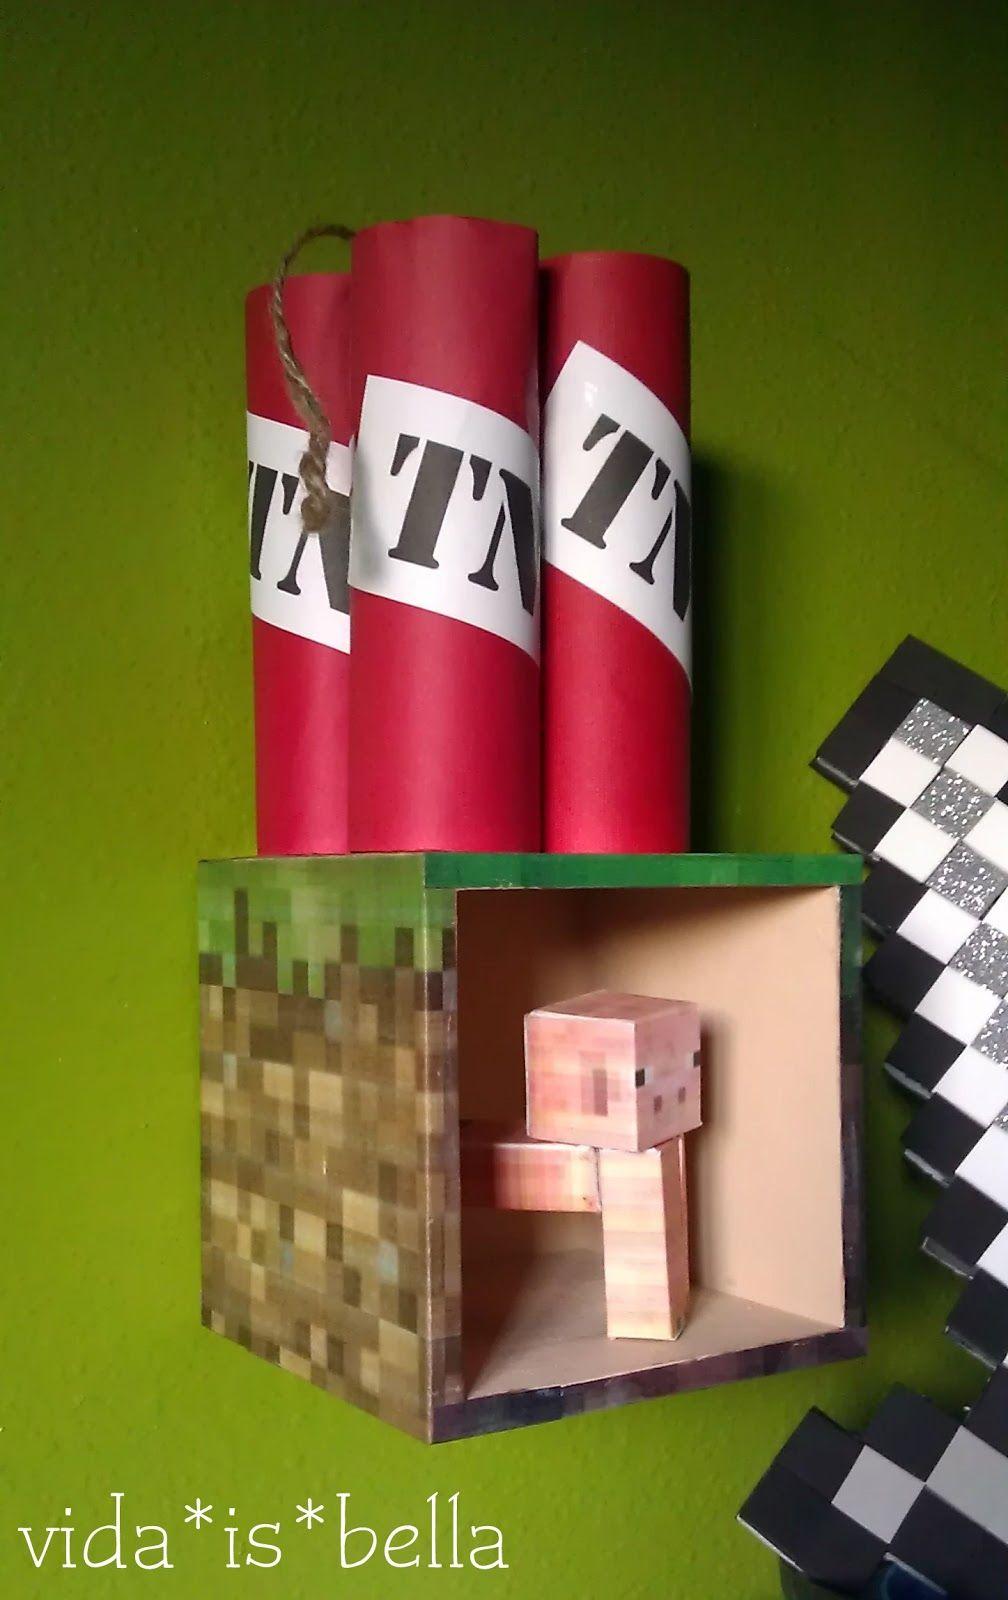 die besten 25 diy minecraft decorations ideen auf pinterest minecraft bastelprojekte. Black Bedroom Furniture Sets. Home Design Ideas